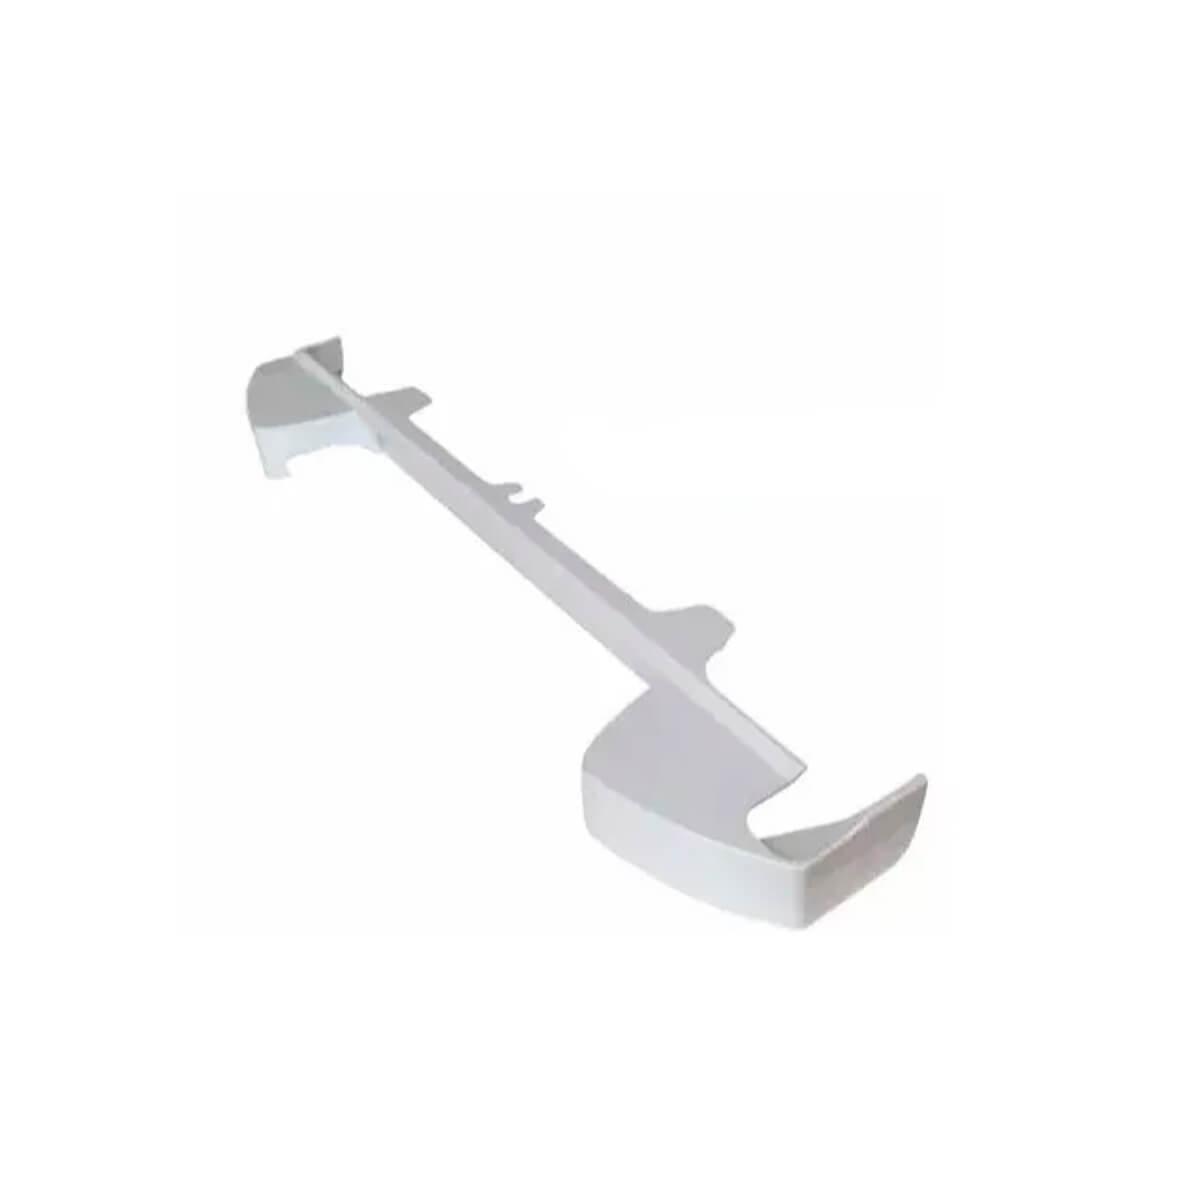 Avental Direito Branco Refrigerador Electrolux -  77492164